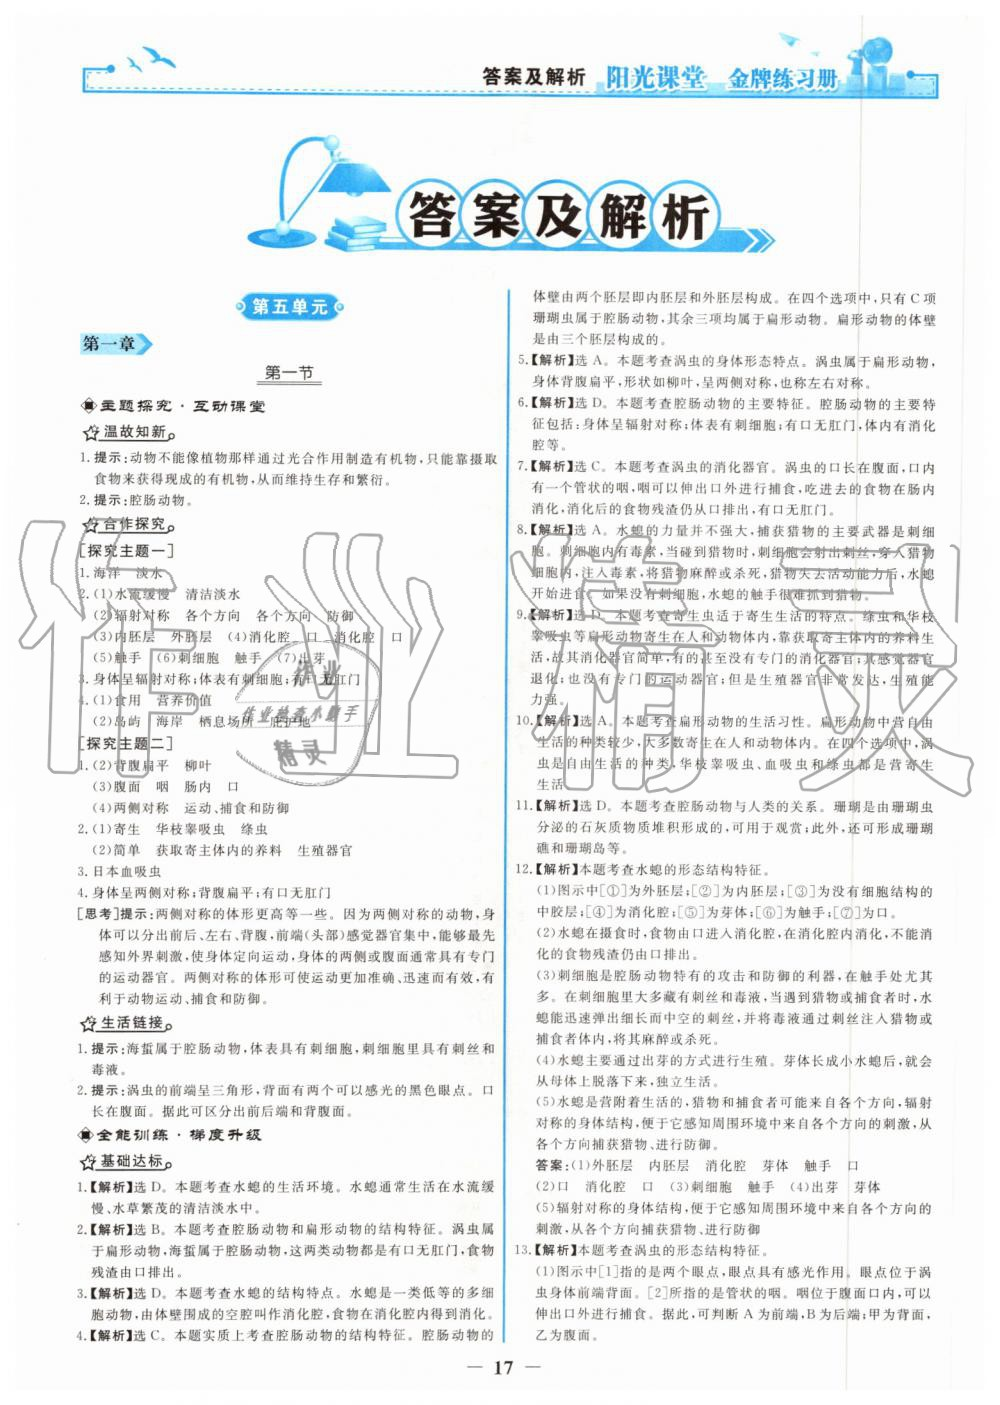 2019年阳光课堂金牌练习册八年级生物学上册人教版第1页